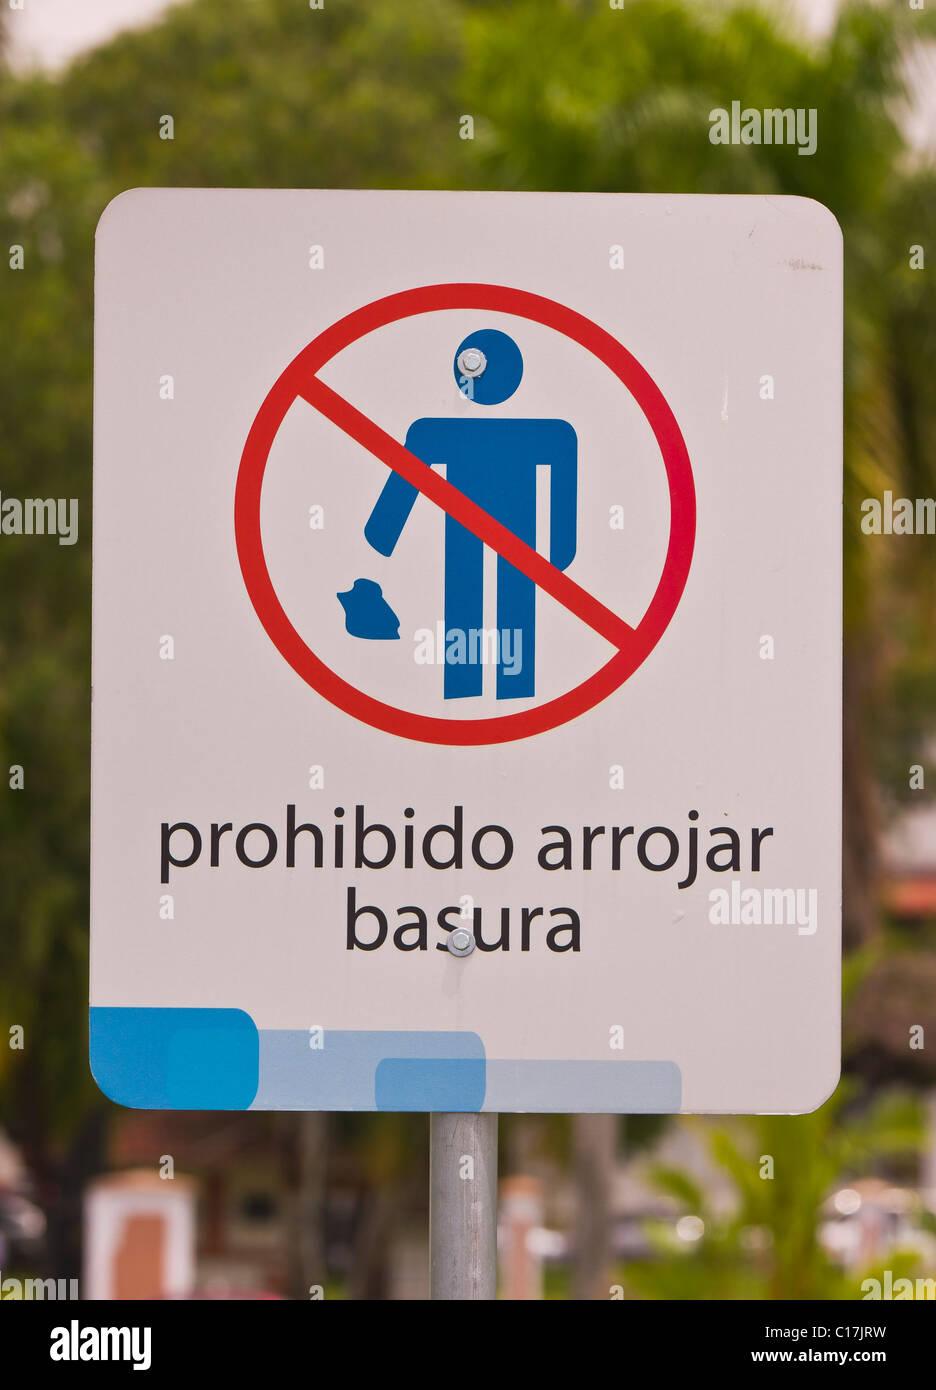 PANAMA CITY, PANAMA - Anti littering sign. - Stock Image